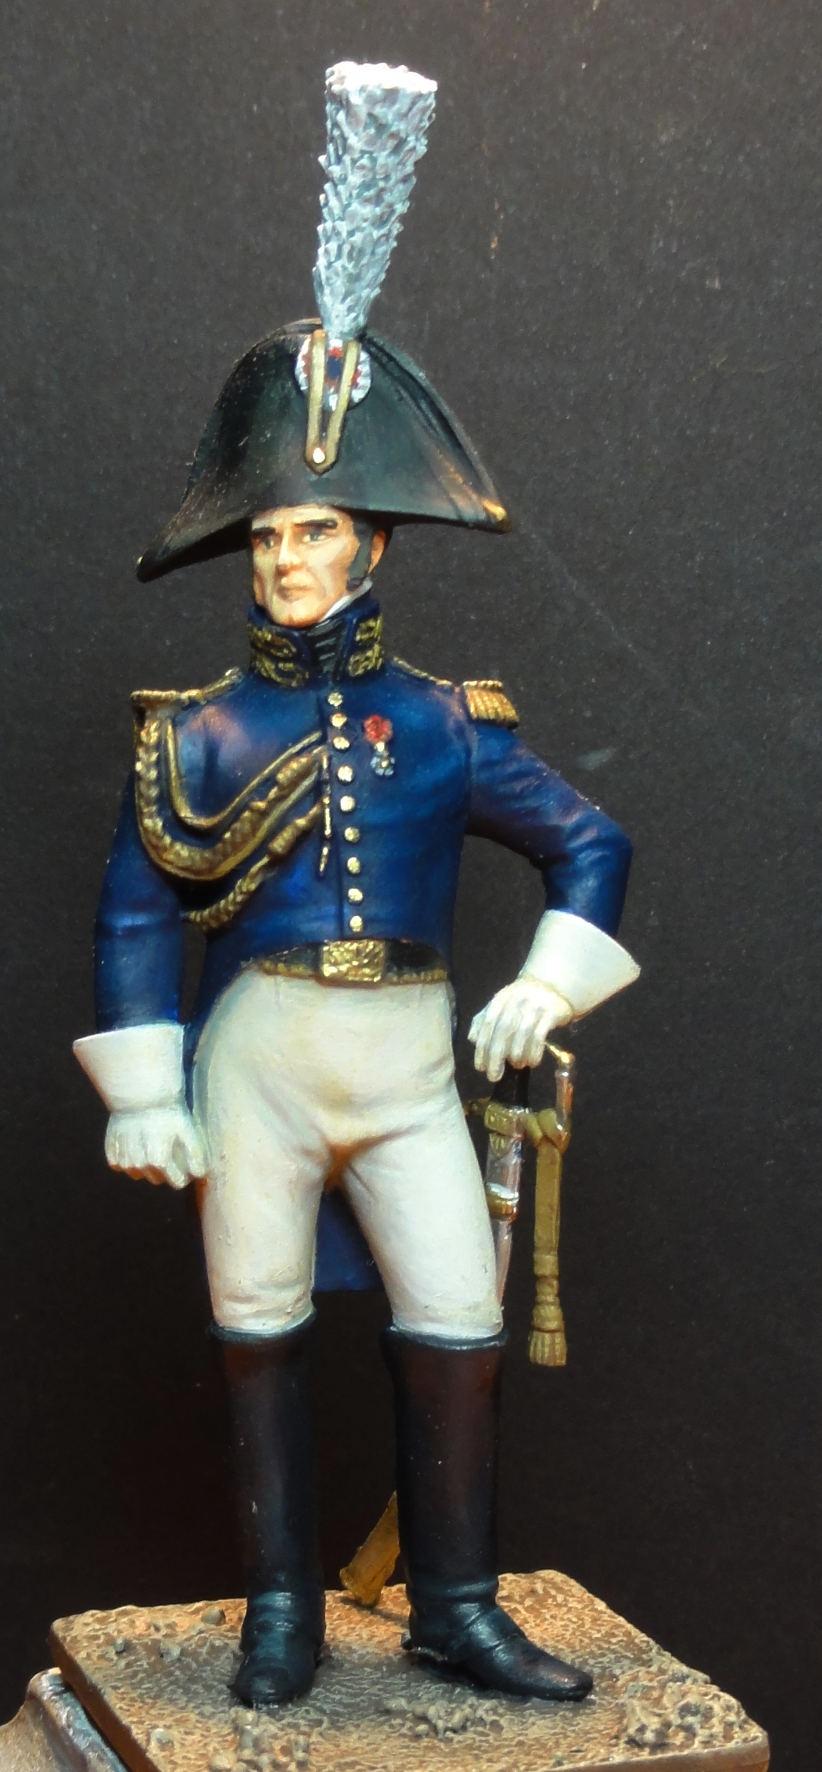 Vitrine de MarcM, colonel chevau-légers napolitains - Page 13 Dsc09416